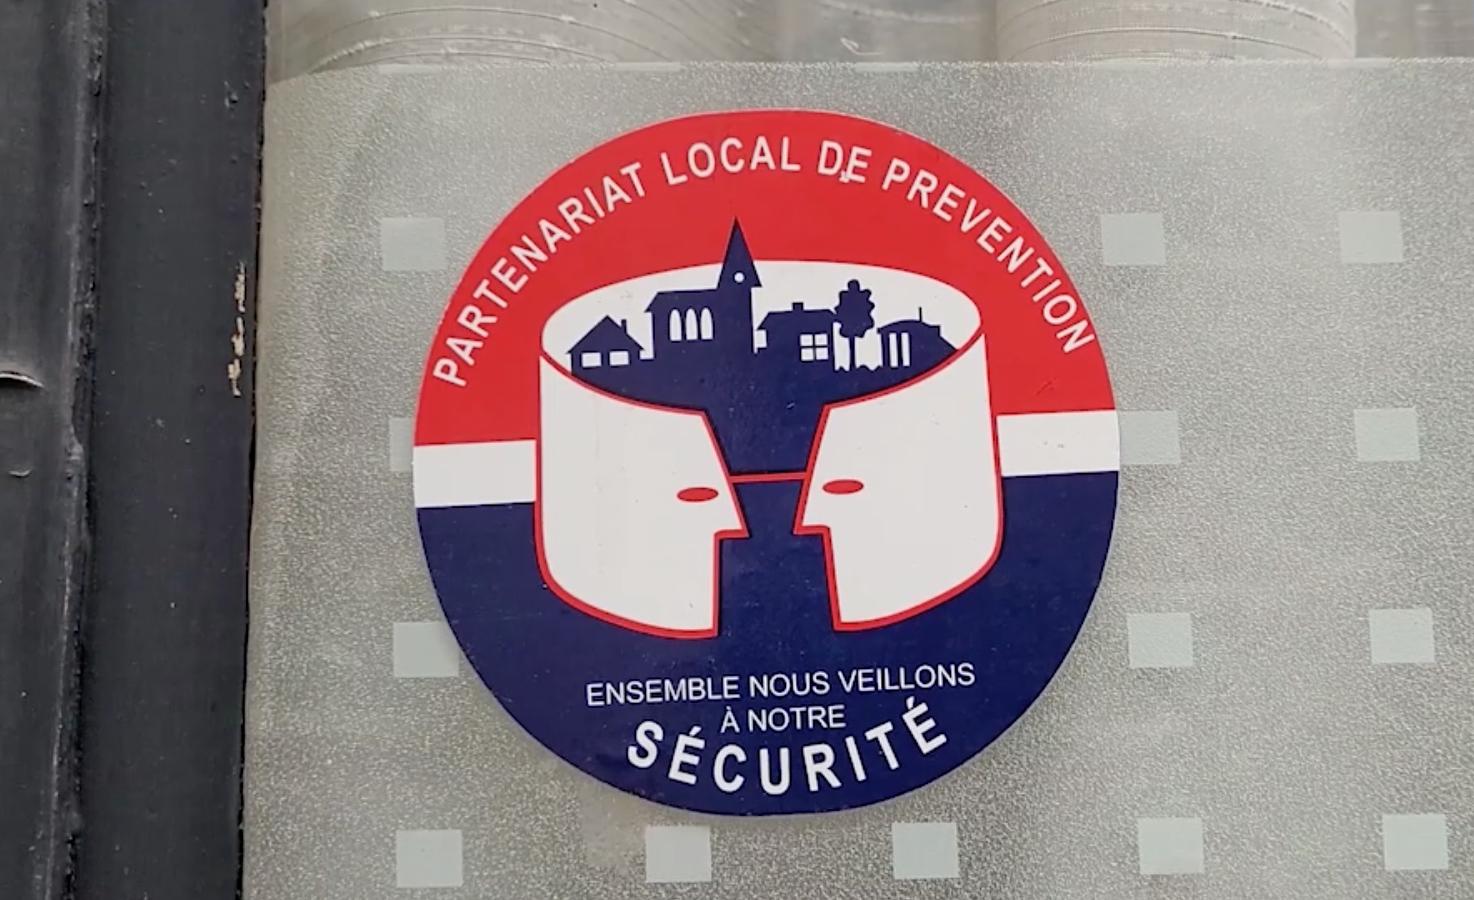 Plus de PLP pour une meilleure sécurité!